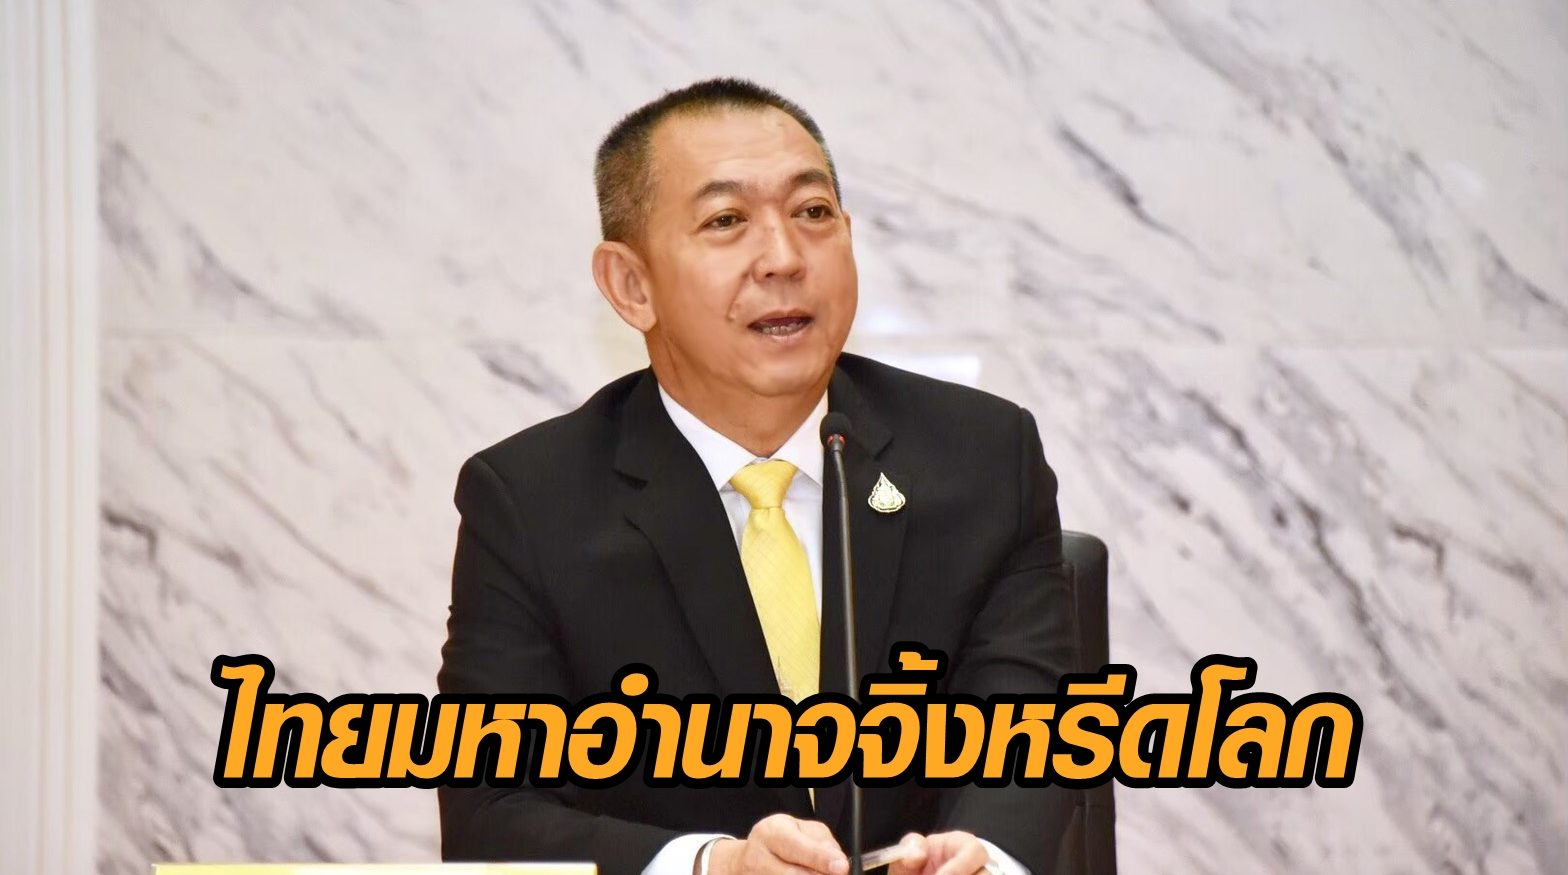 'เฉลิมชัย' หนุนไทยเป็นมหาอำนาจจิ้งหรีดโลก พร้อมเสนอครม.แก้กฎกระทรวงโรคระบาดสัตว์